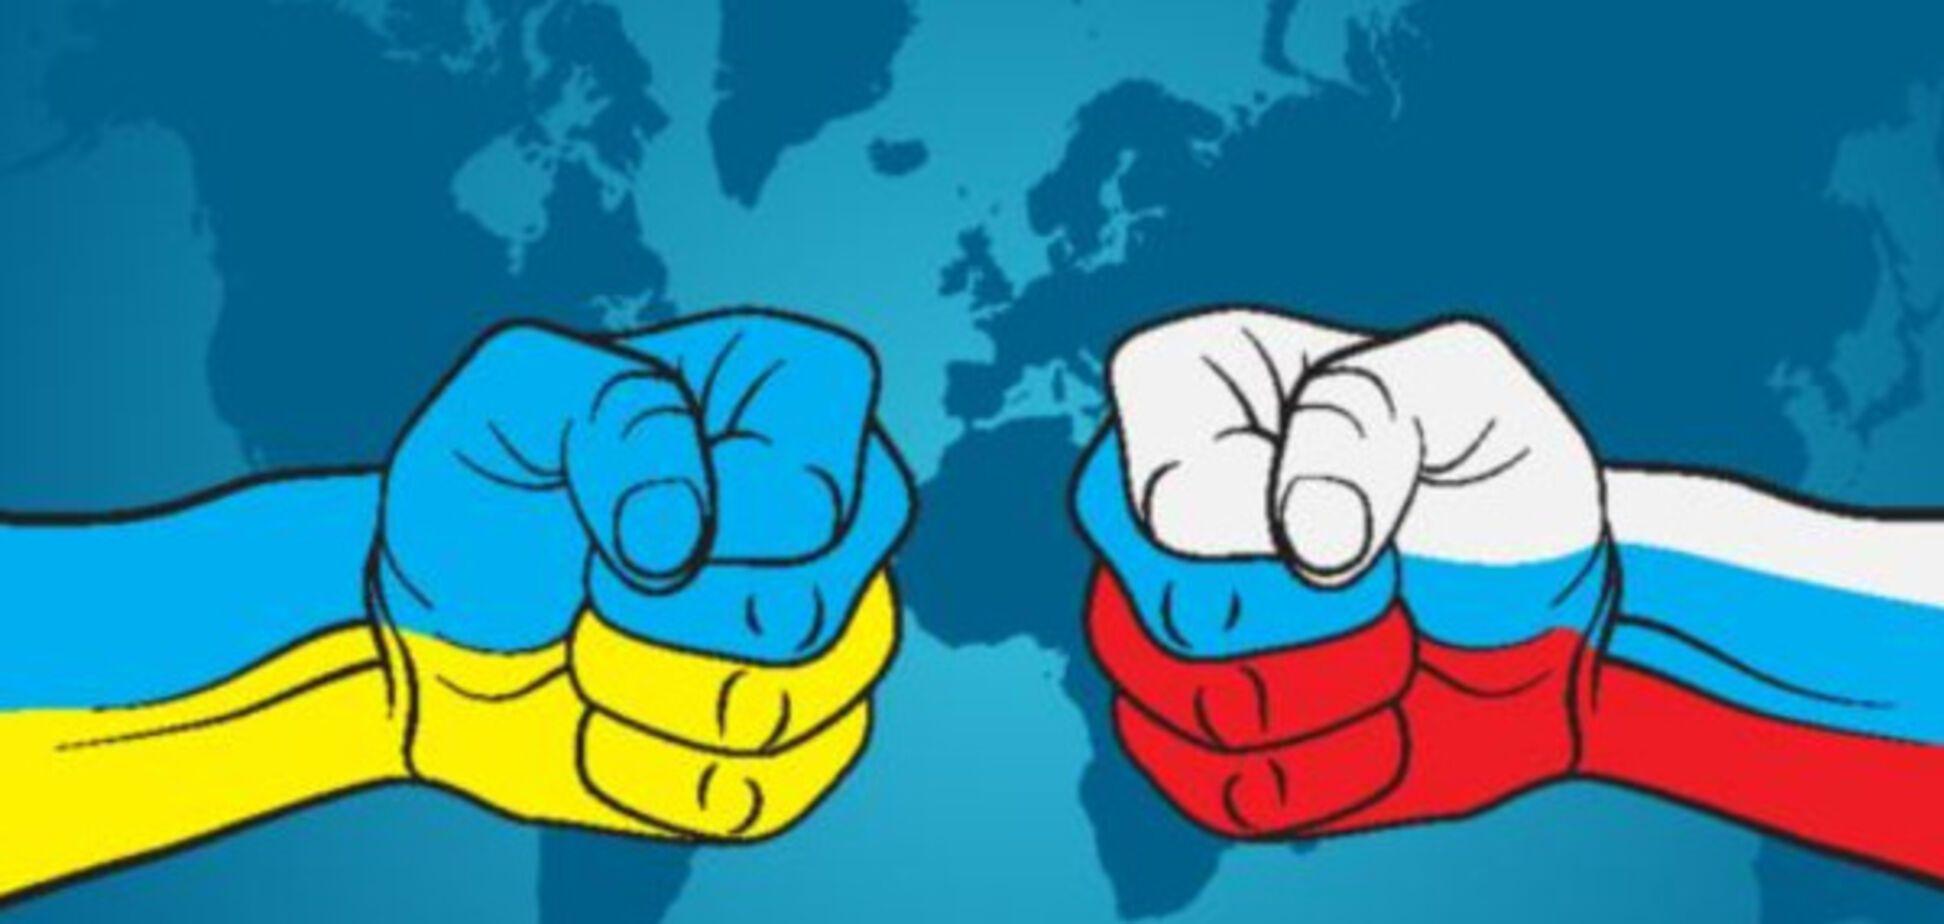 Украина Россия примирение компромисс